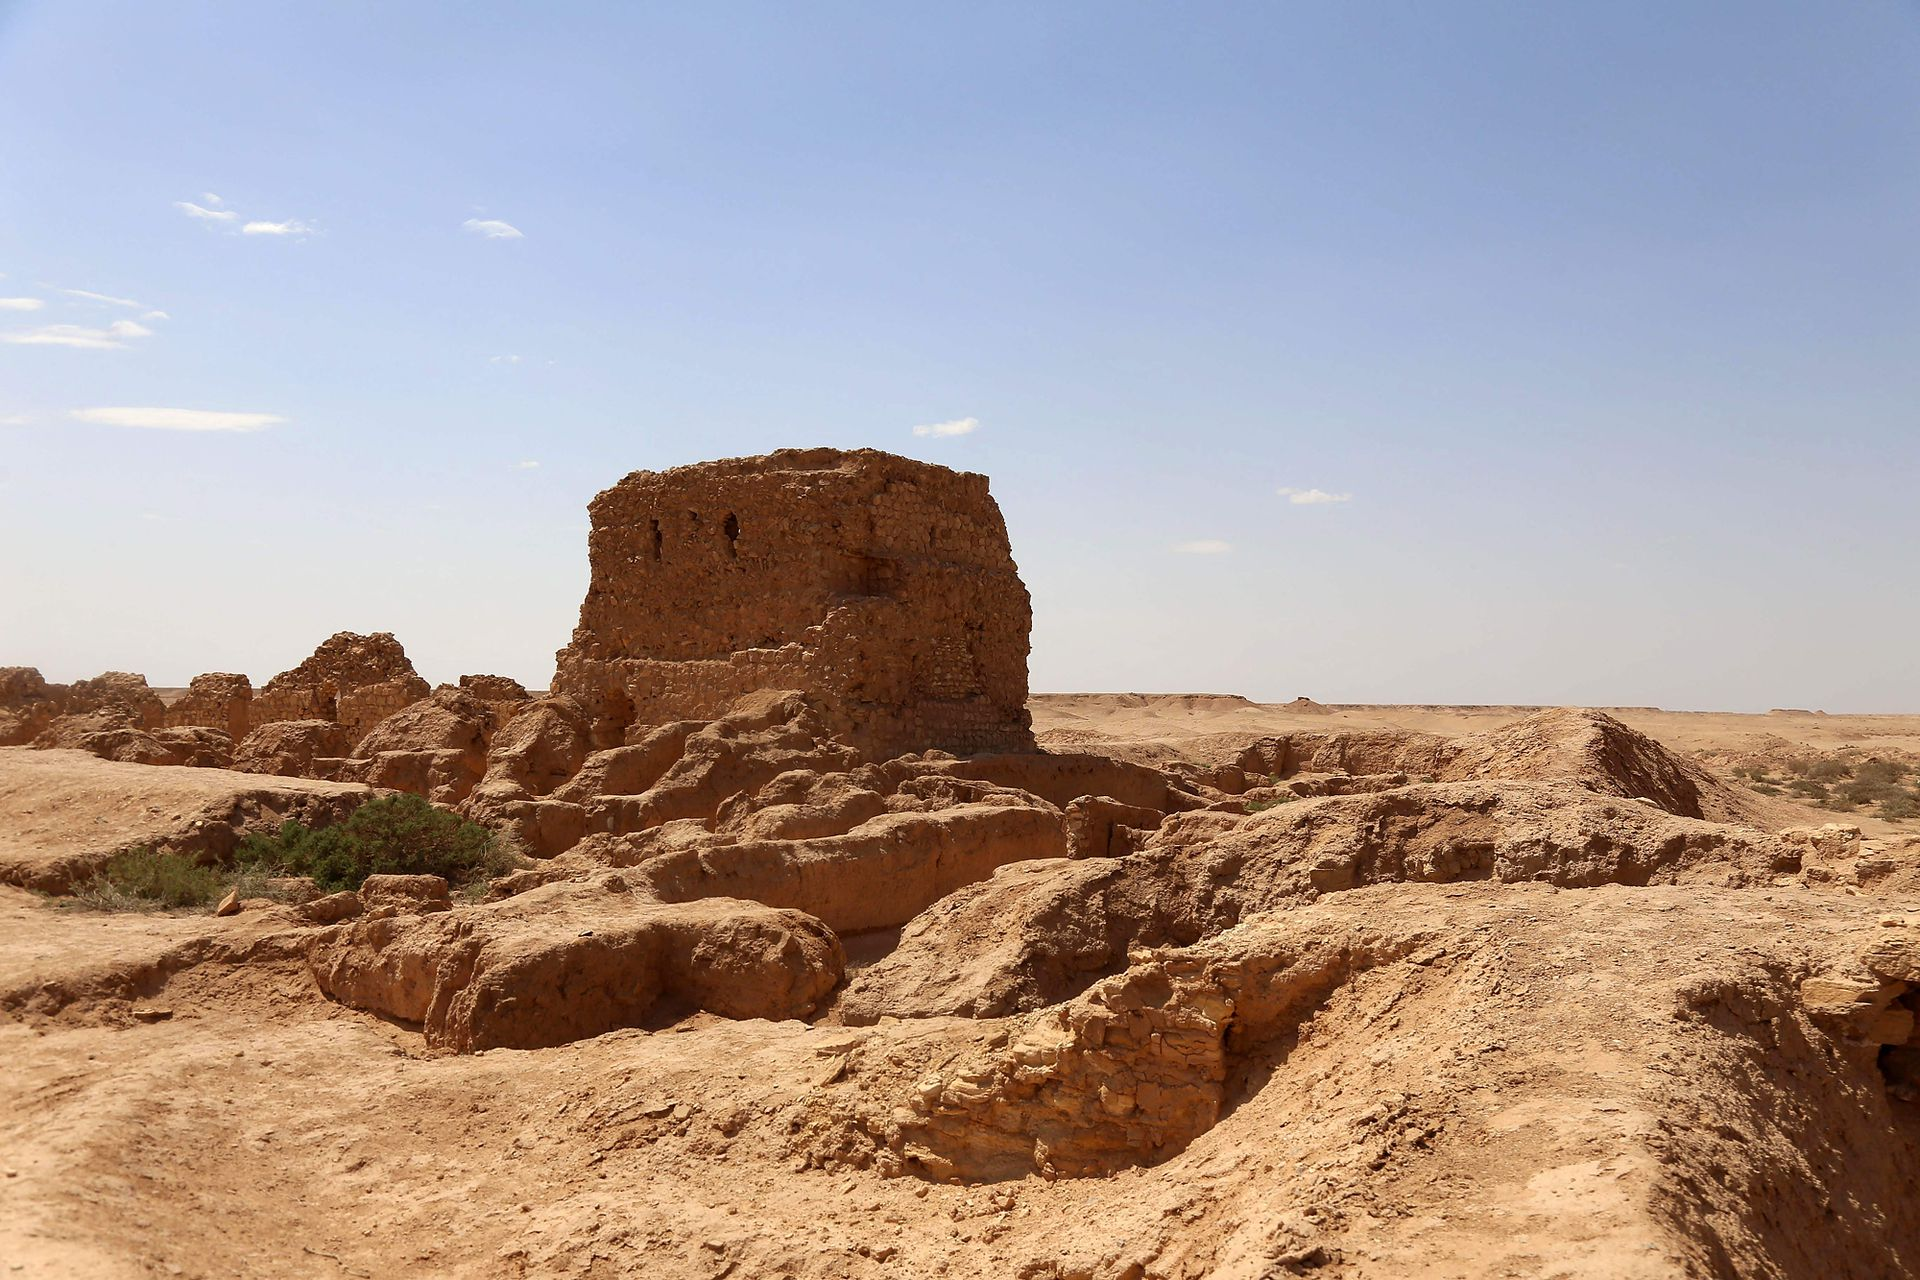 Vista del sitio arqueológico de Al-Aqiser en Ain Tamr cerca de Karbala en Irak, que incluye lo que se ha descrito como una de las iglesias cristianas orientales más antiguas